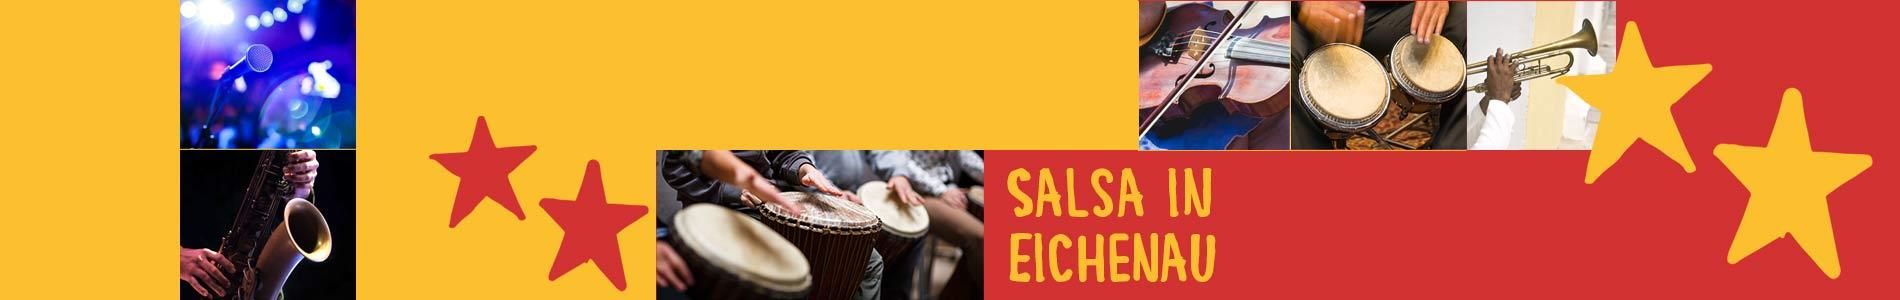 Salsa in Eichenau – Salsa lernen und tanzen, Tanzkurse, Partys, Veranstaltungen